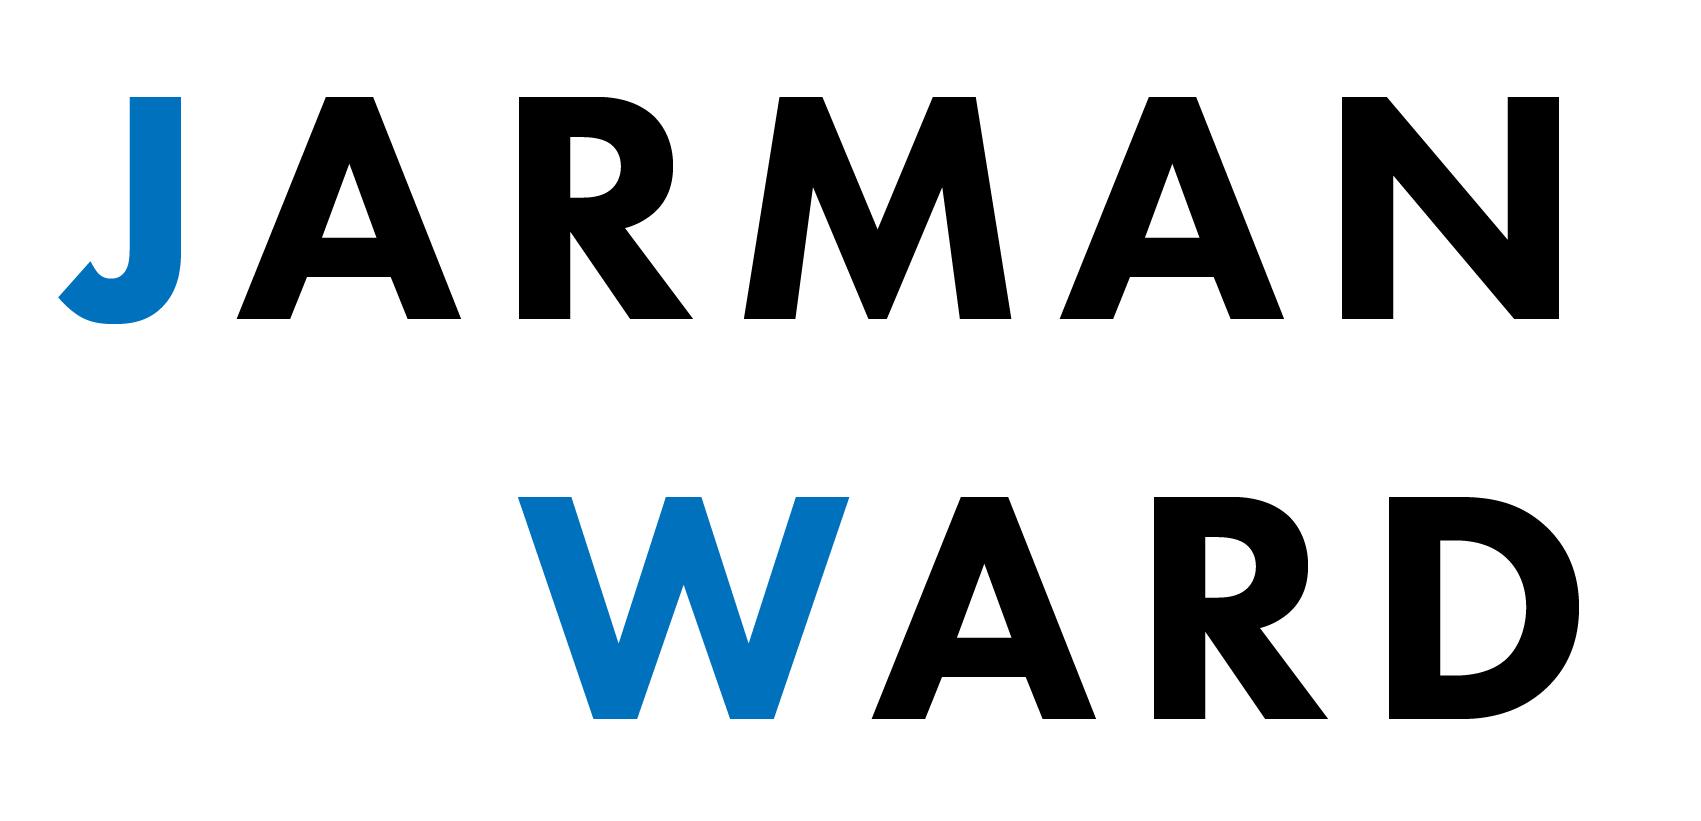 Jarman Ward